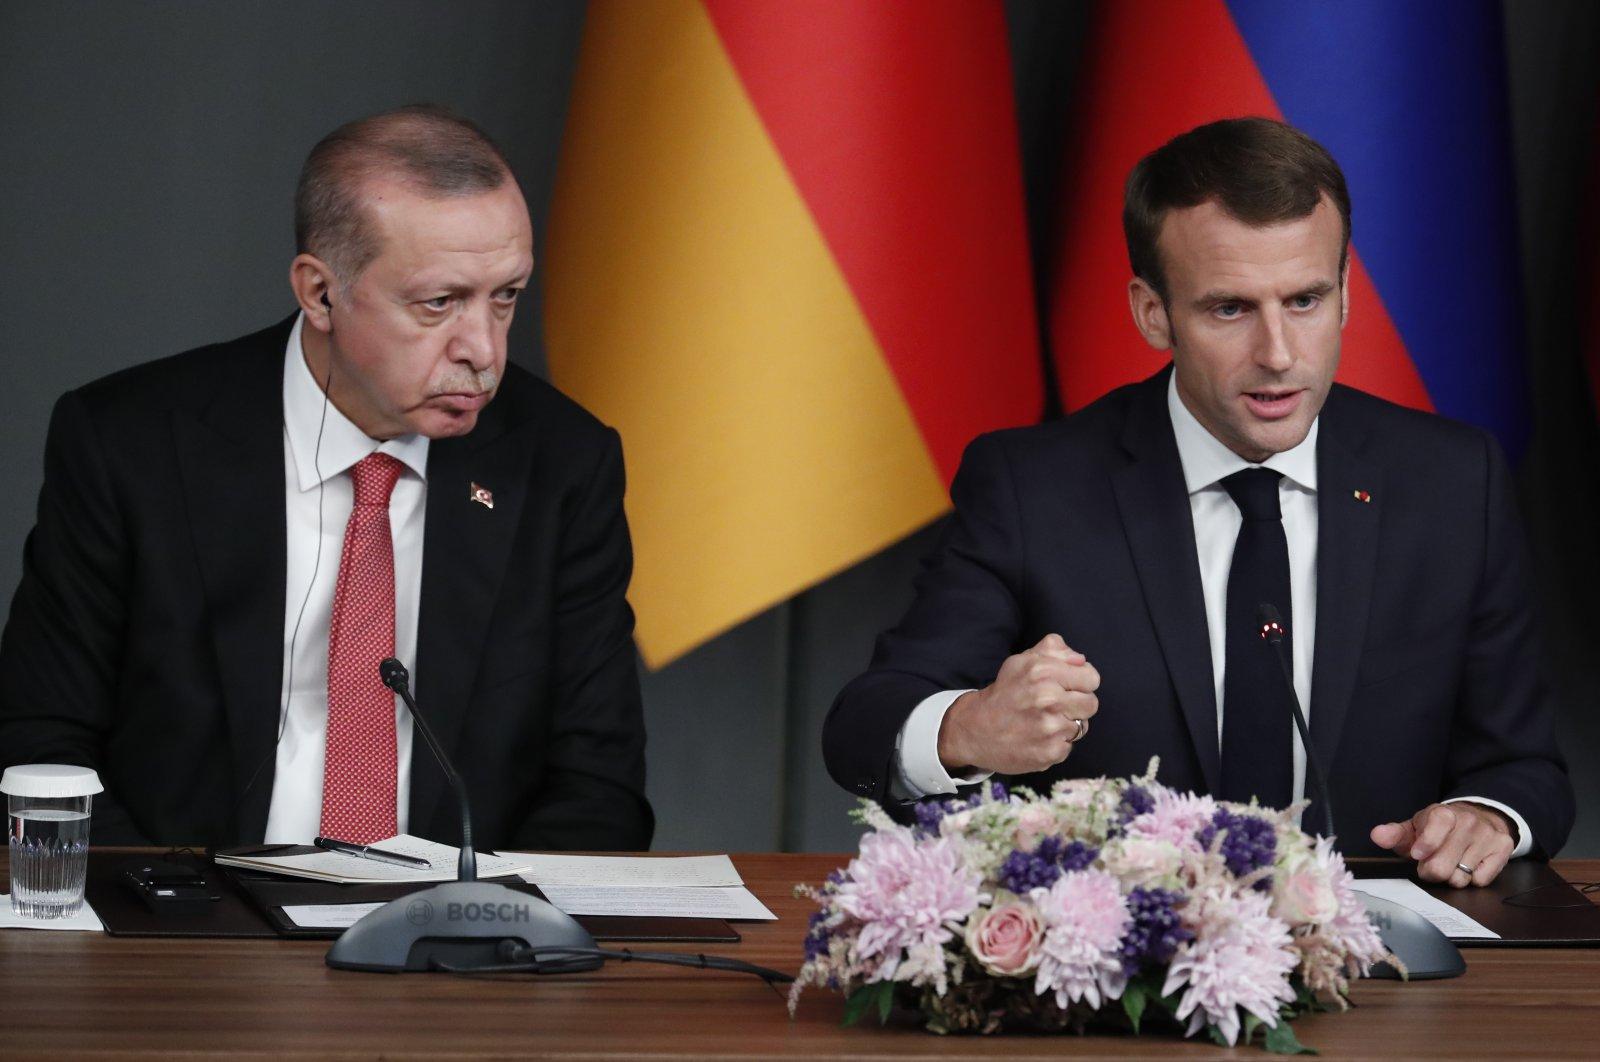 Photo of Էրդողան -Մակրոն հանդիպումից հետո Ֆրանսիայի ԱԳՆ հայտարարել է․ «Այլևս վիրավորանքներ չկան»